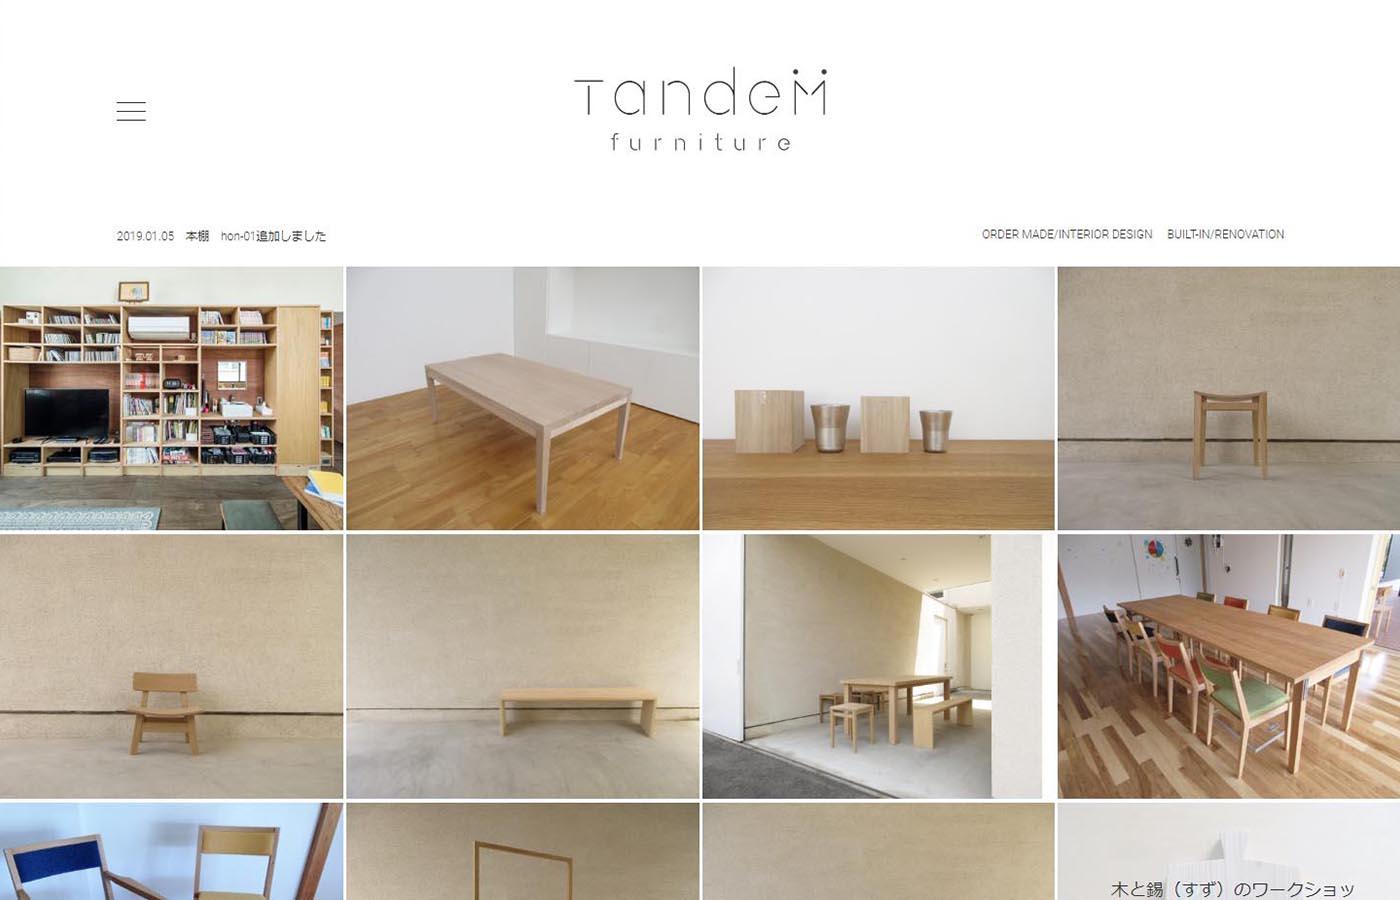 家具の設計・製作・販売 tandem furniture [家具の設計・製作]